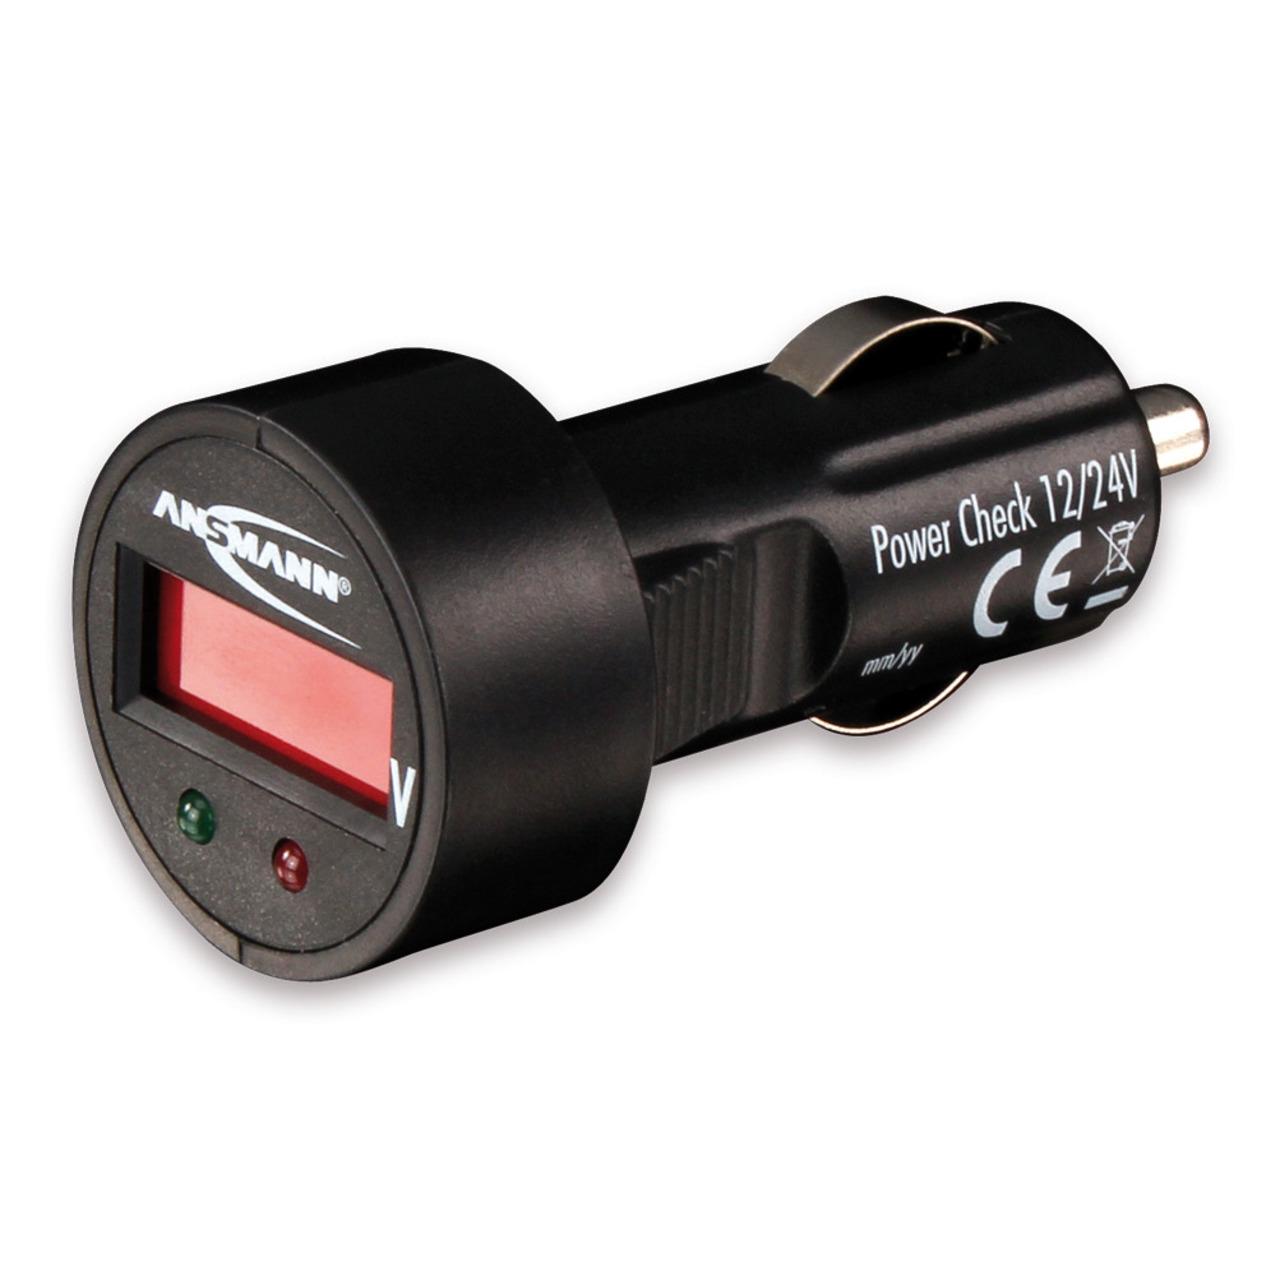 Ansmann Powercheck 12-24 V Batterieund-252 berwachung